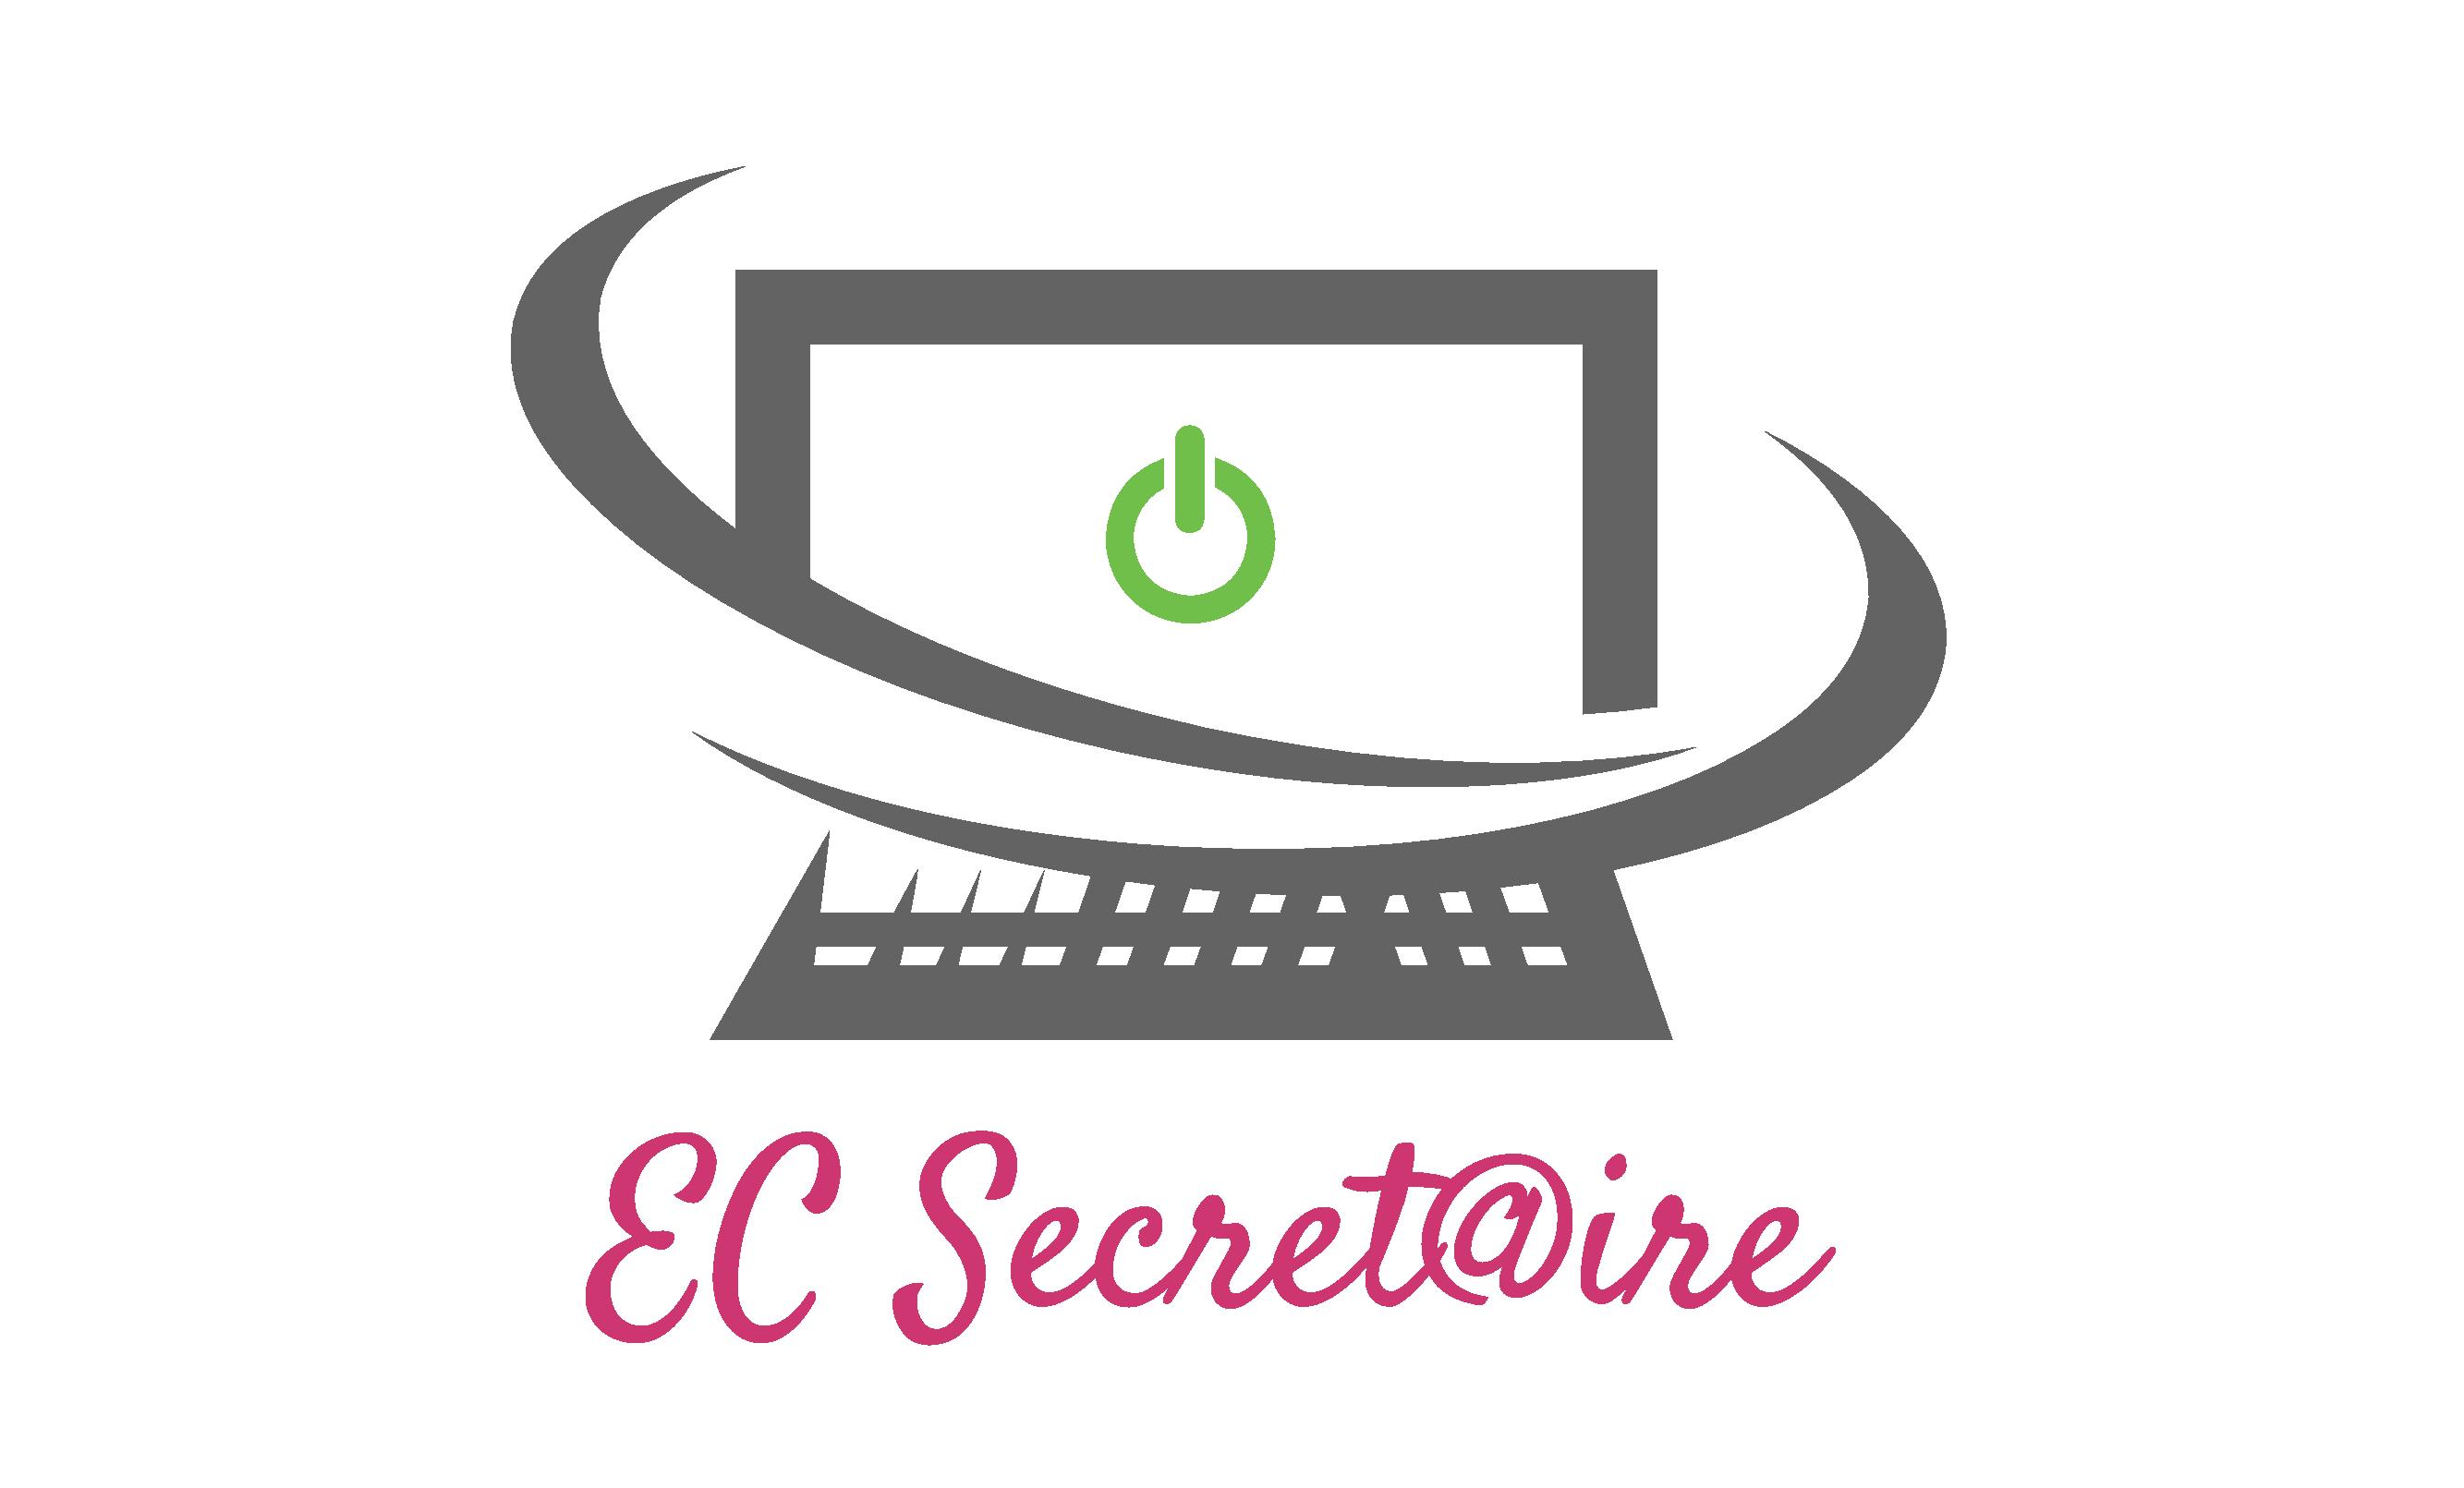 EC SECRETAIRE